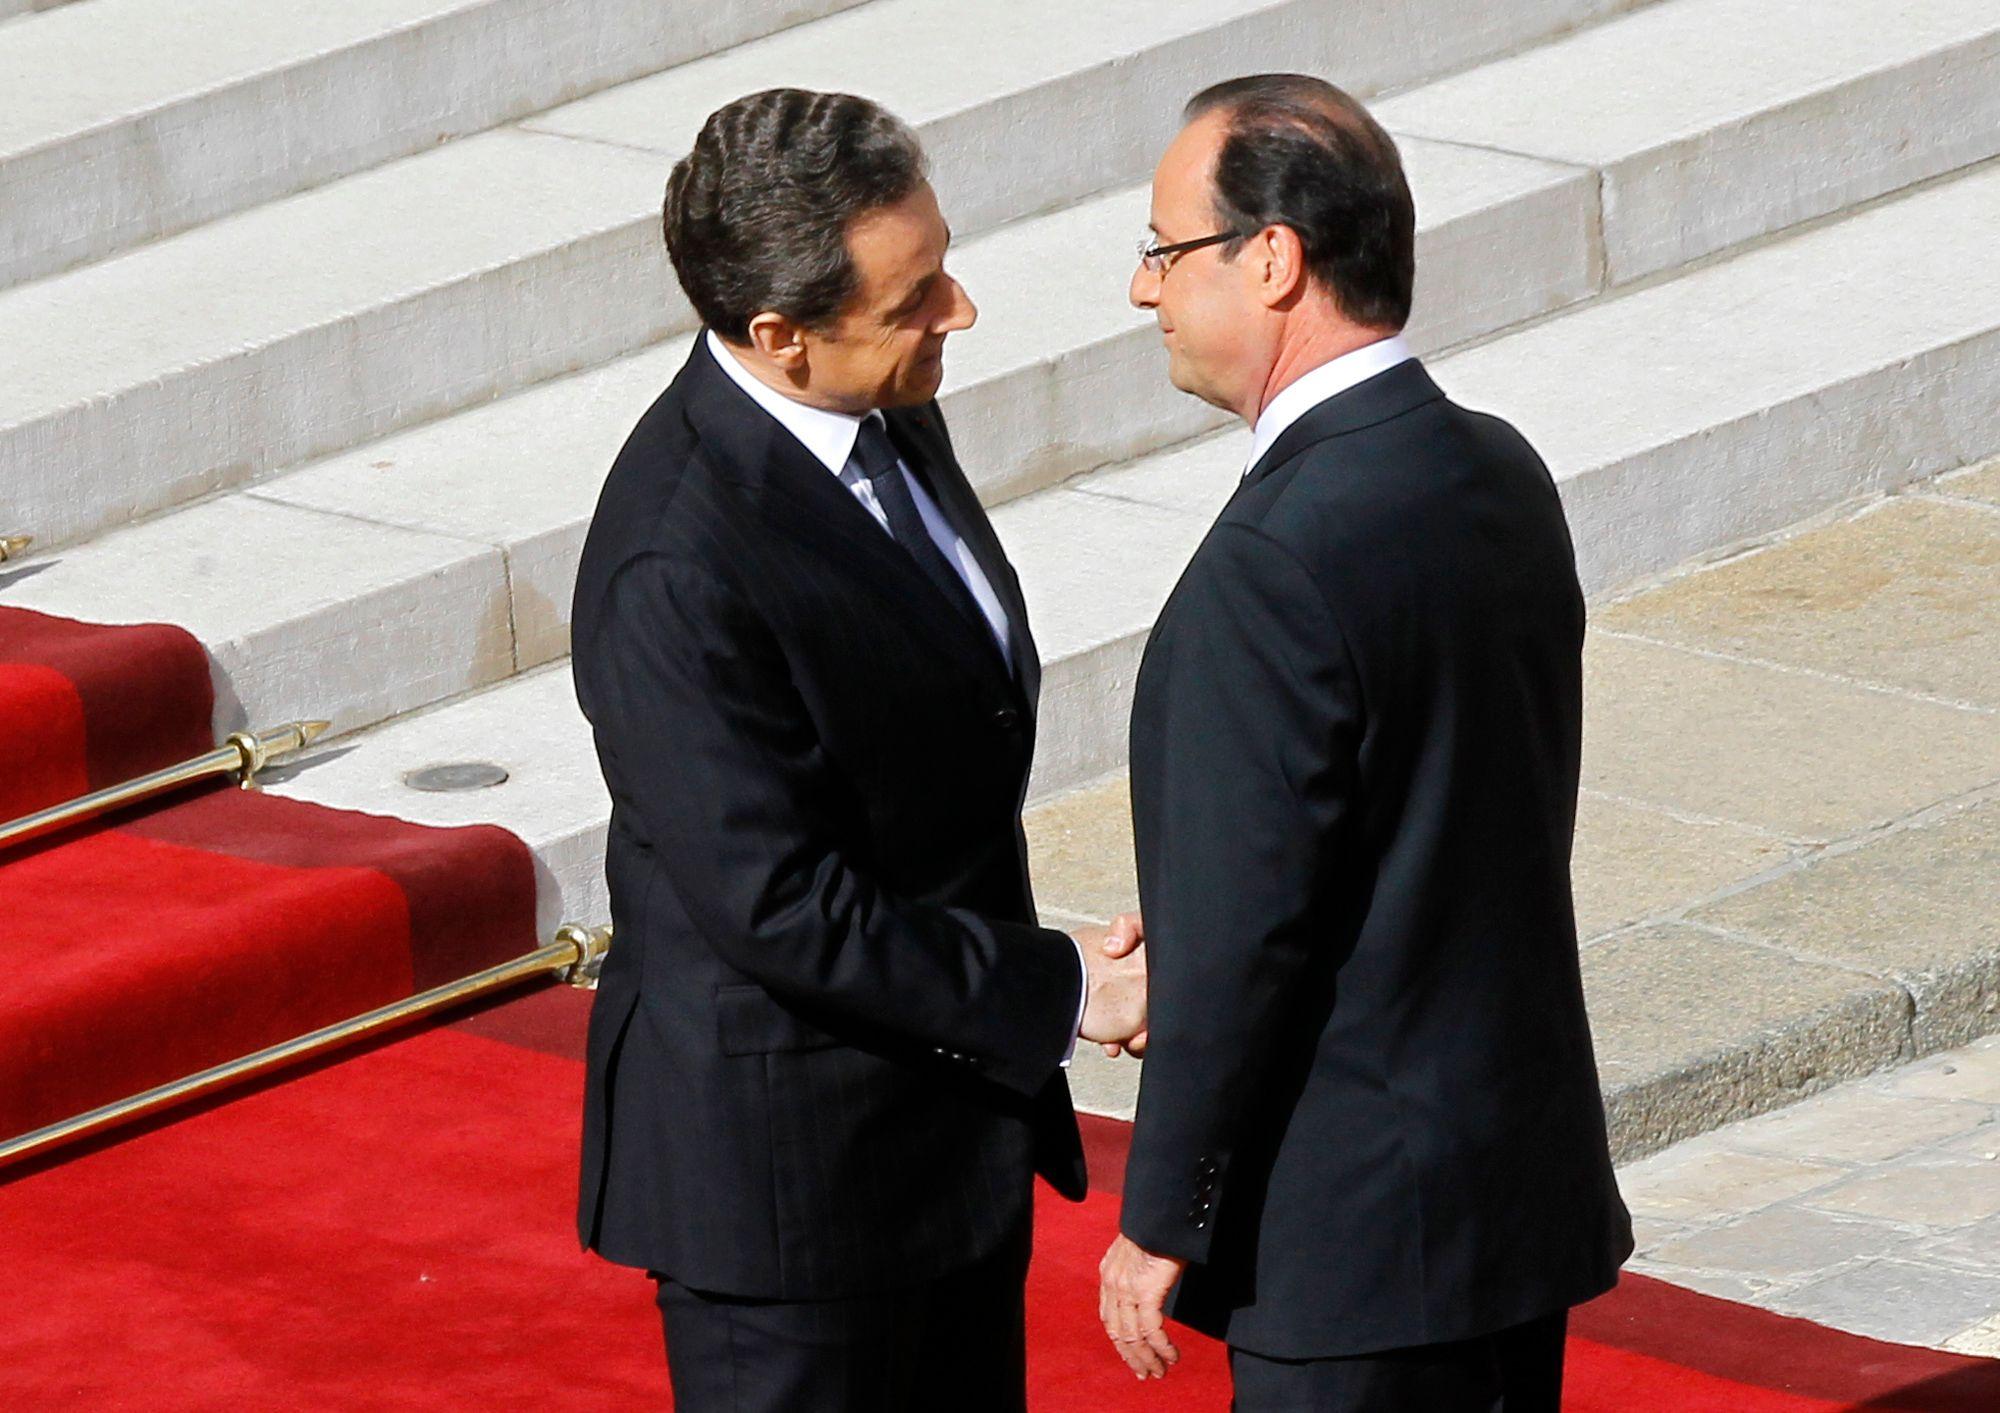 Présidentielle de 2017 : François Hollande, Nicolas Sarkozy, Marine Le Pen... les scénarios qui pourraient empêcher un remake de l'élection de 2012